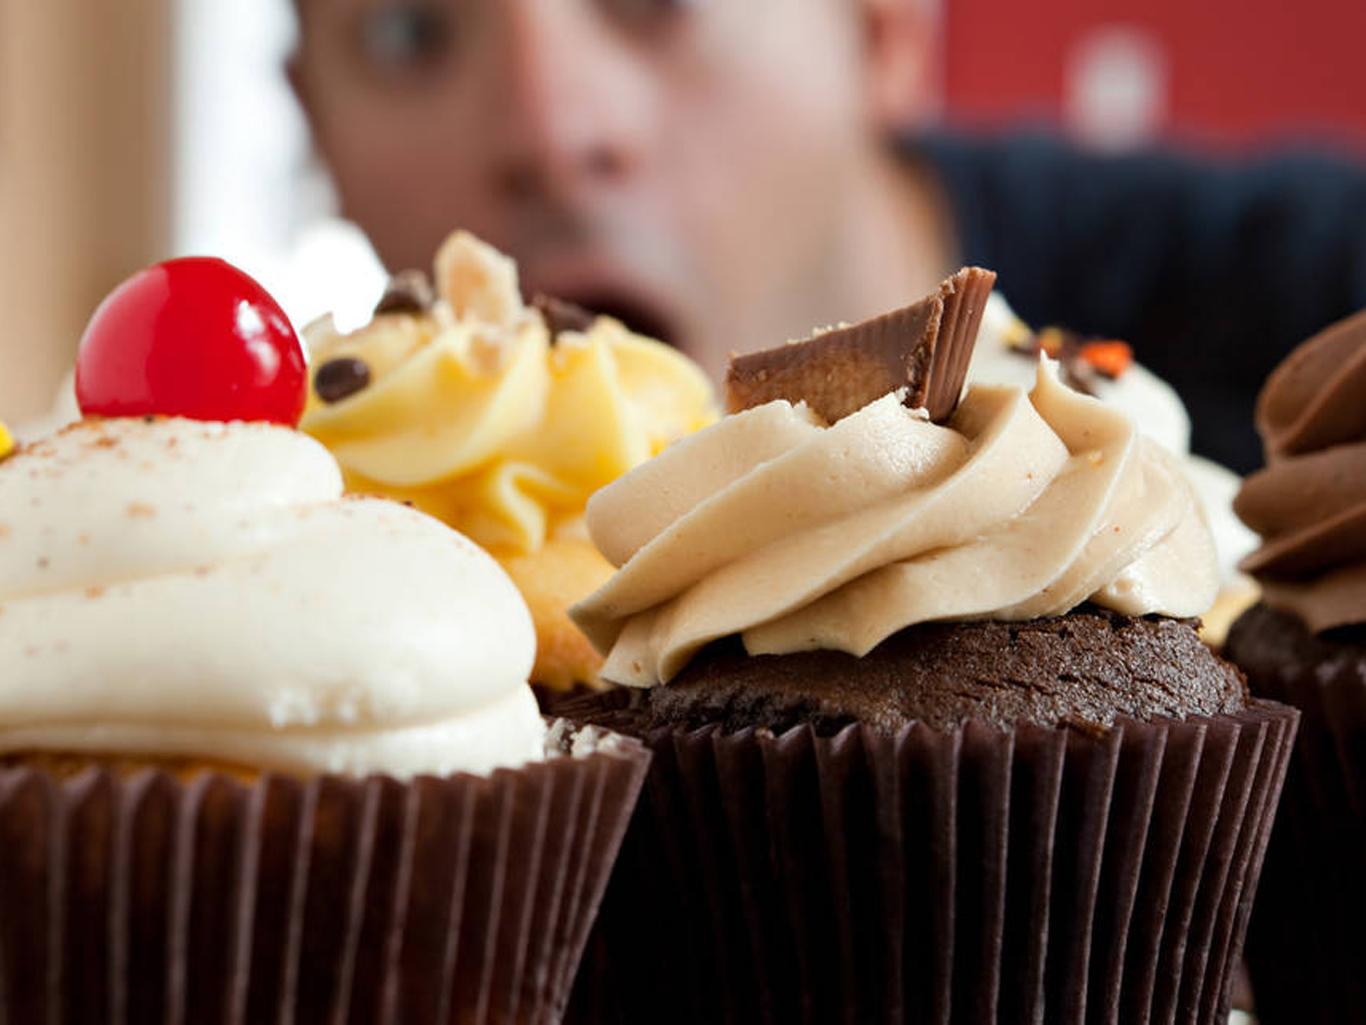 Как избавиться от желания съесть мучное и сладкое